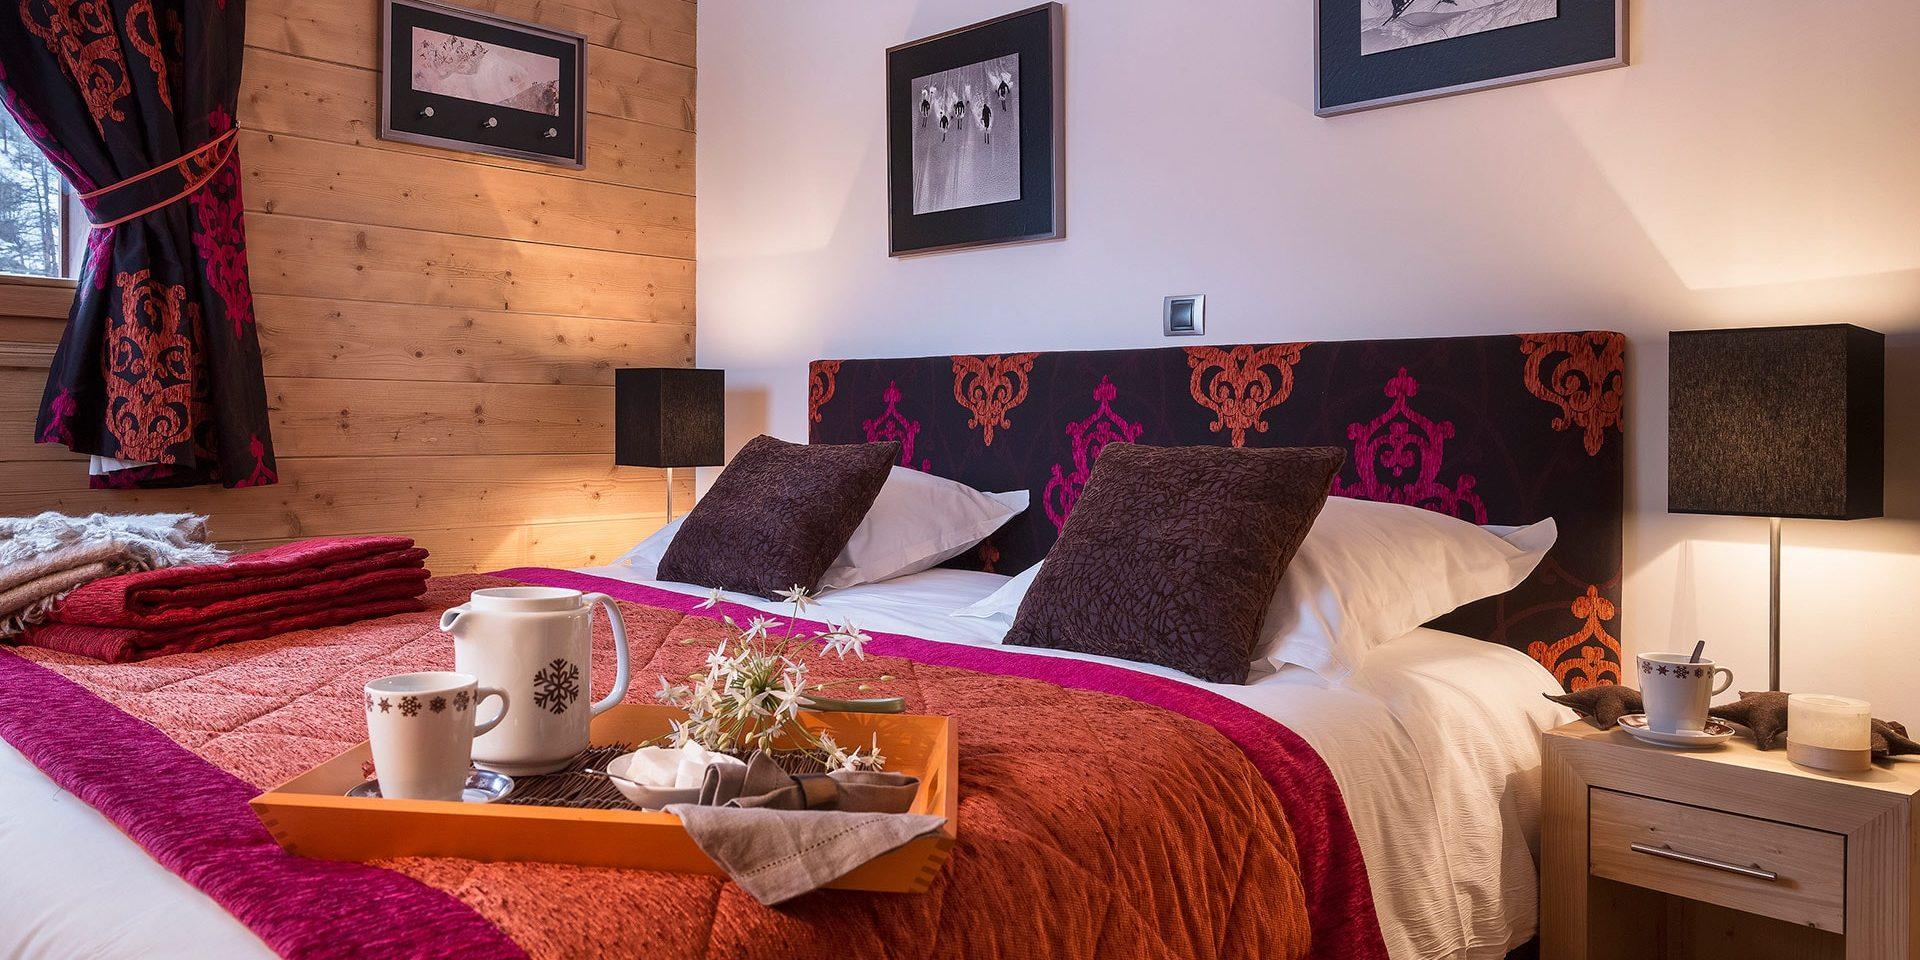 CGH Kalinda Tignes Les Boisses Tignes-Val d'Isere Frankrijk wintersport skivakantie luxe appartement slaapkamer 2-persoonsbed heerlijk slapen ontspannen vakantie gezin